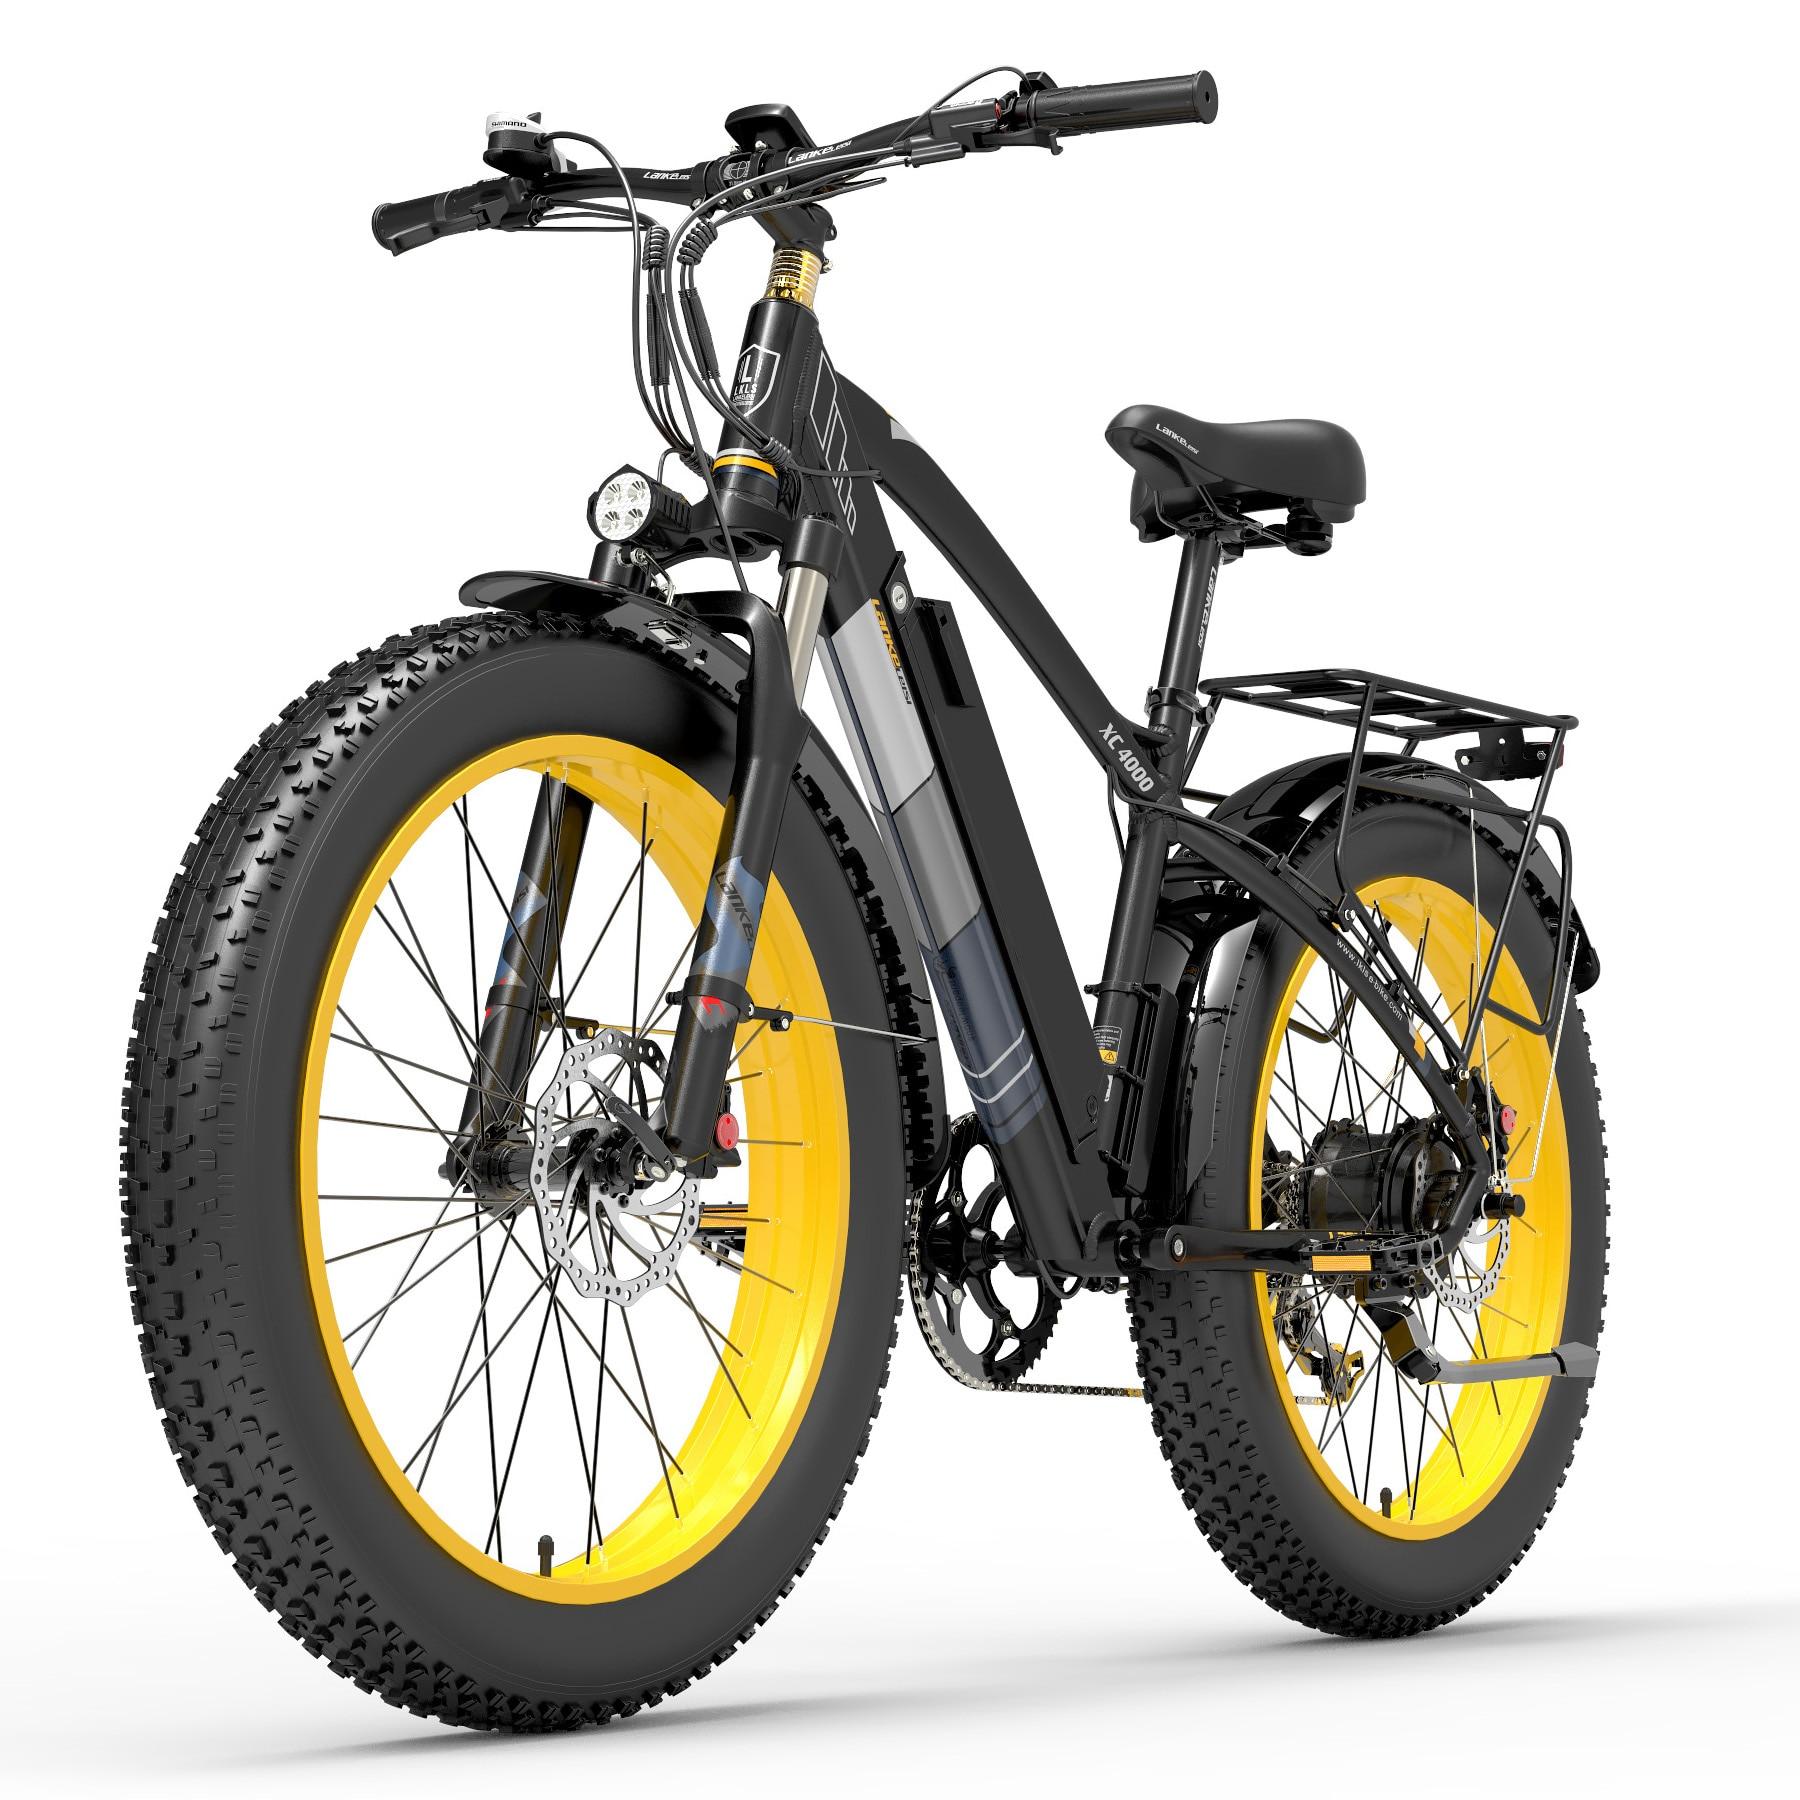 XC4000-v-lo-lectrique-1000W-48V-v-lo-pneus-larges-de-26-pouces-freins-disque-hydrauliques